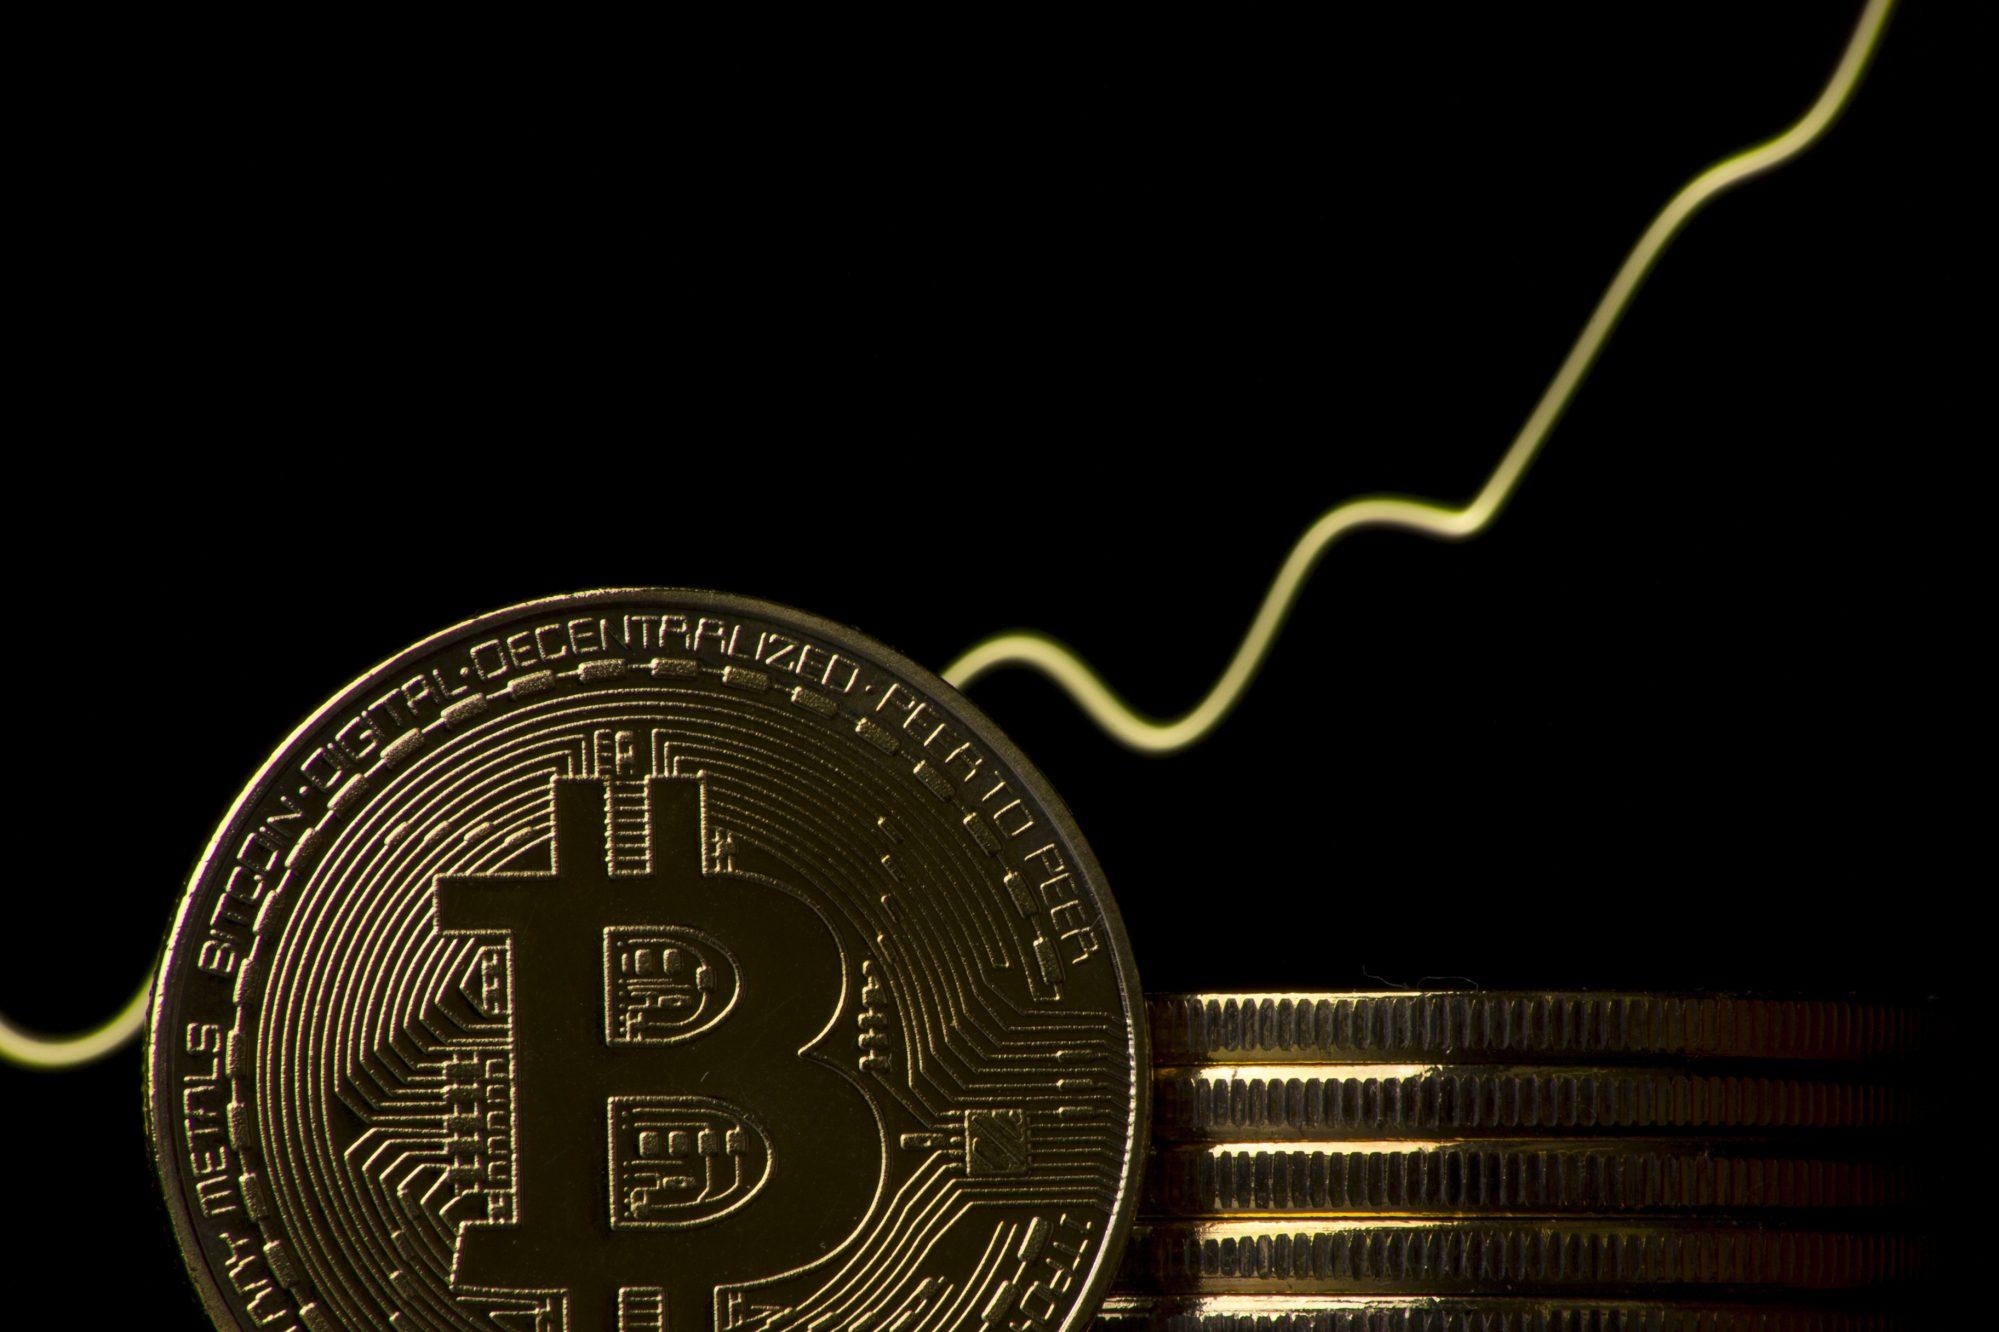 giá bitcoin: Phân tích giá 24/06: Bitcoin trên lập xác lập quý II tăng trưởng tốt nhất trong lịch sử